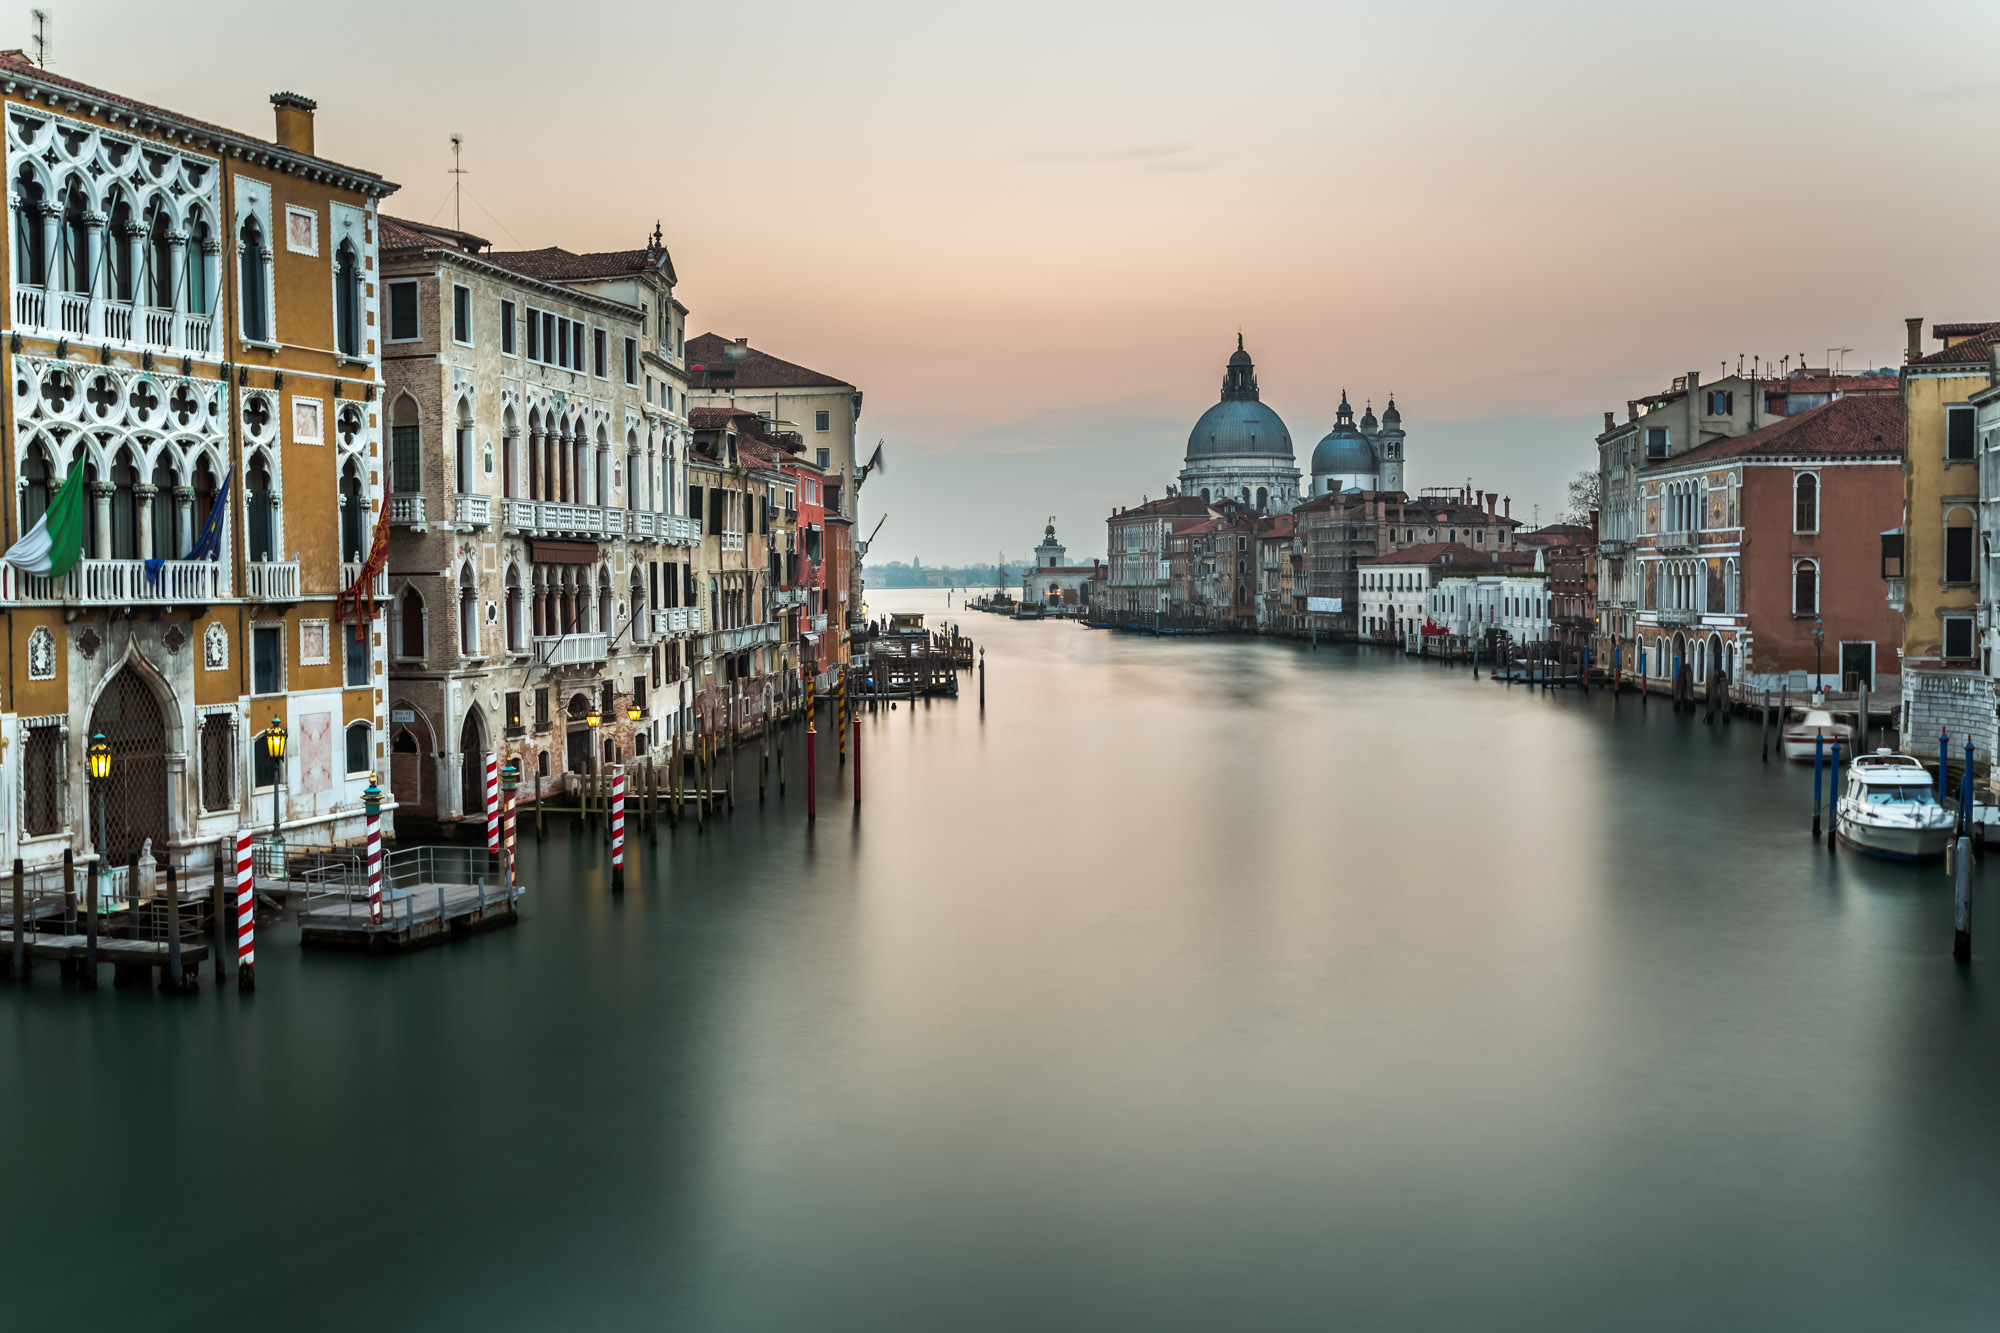 Grand Canal and Santa Maria della Salute Church, Venice, Italy